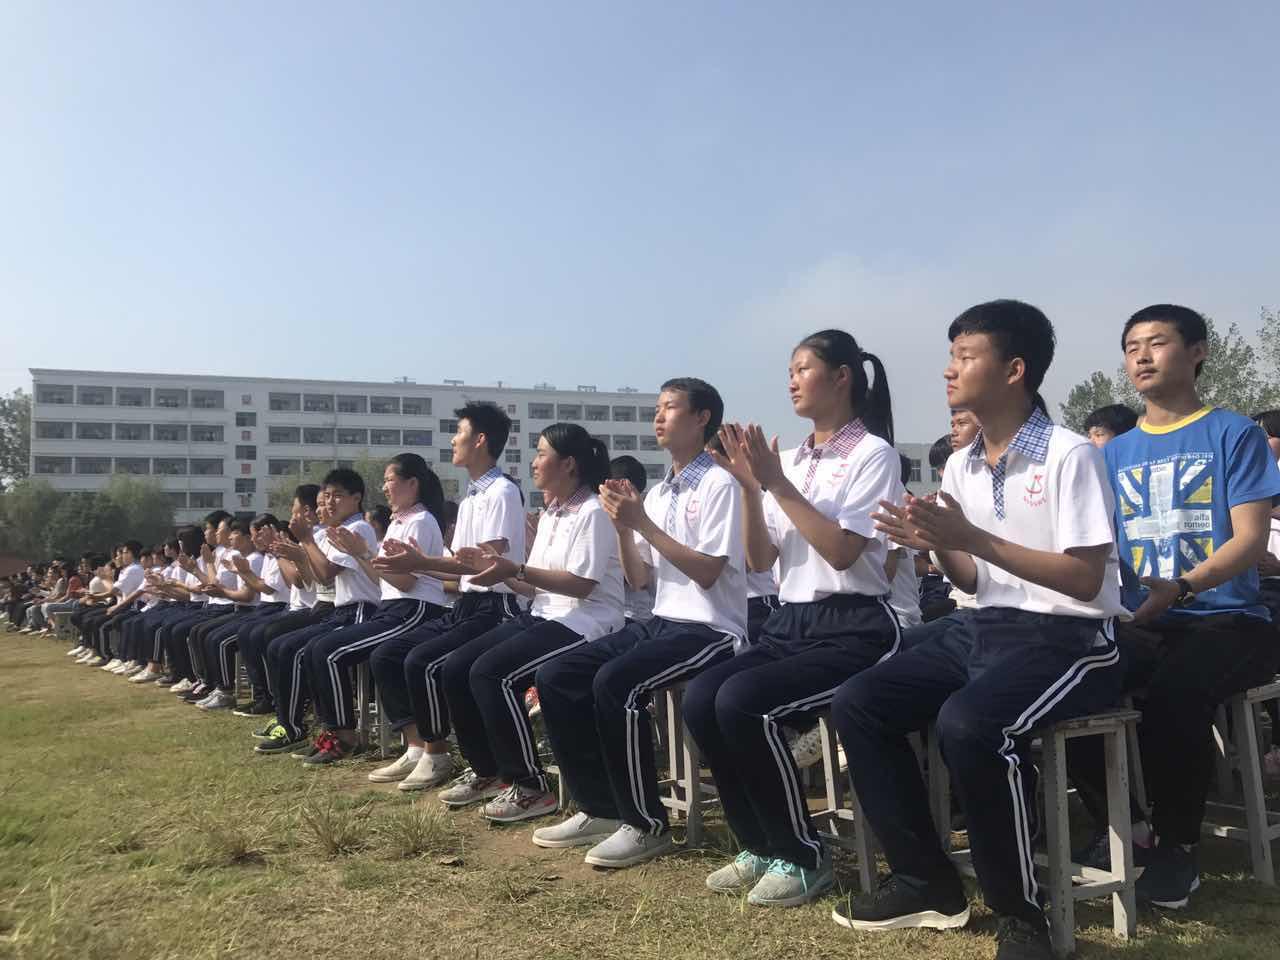 [南陽十五中]同學們熱情滿滿,聆聽勵志報告.jpg